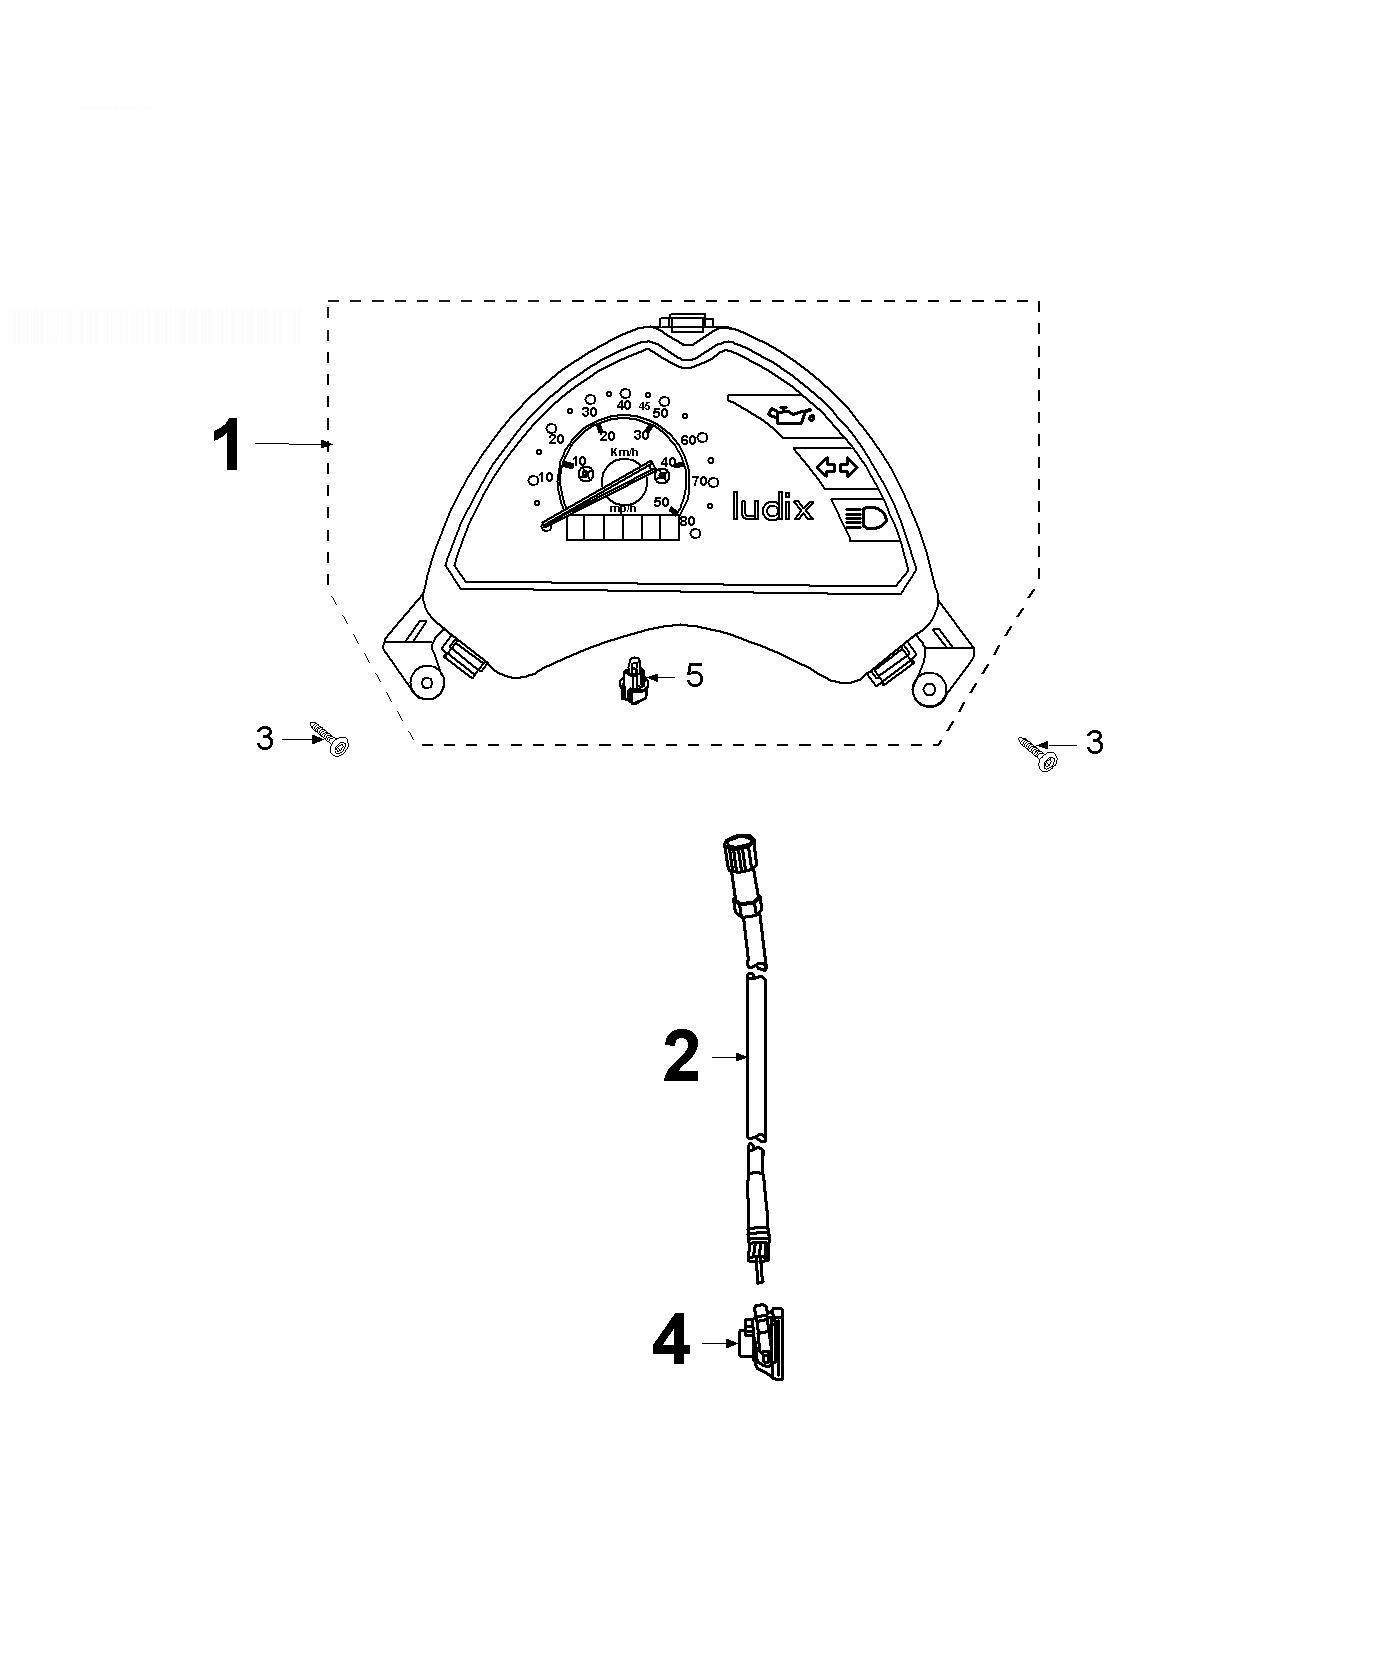 PEUGEOT LUDIX ELEGANCE 50 Speedometer